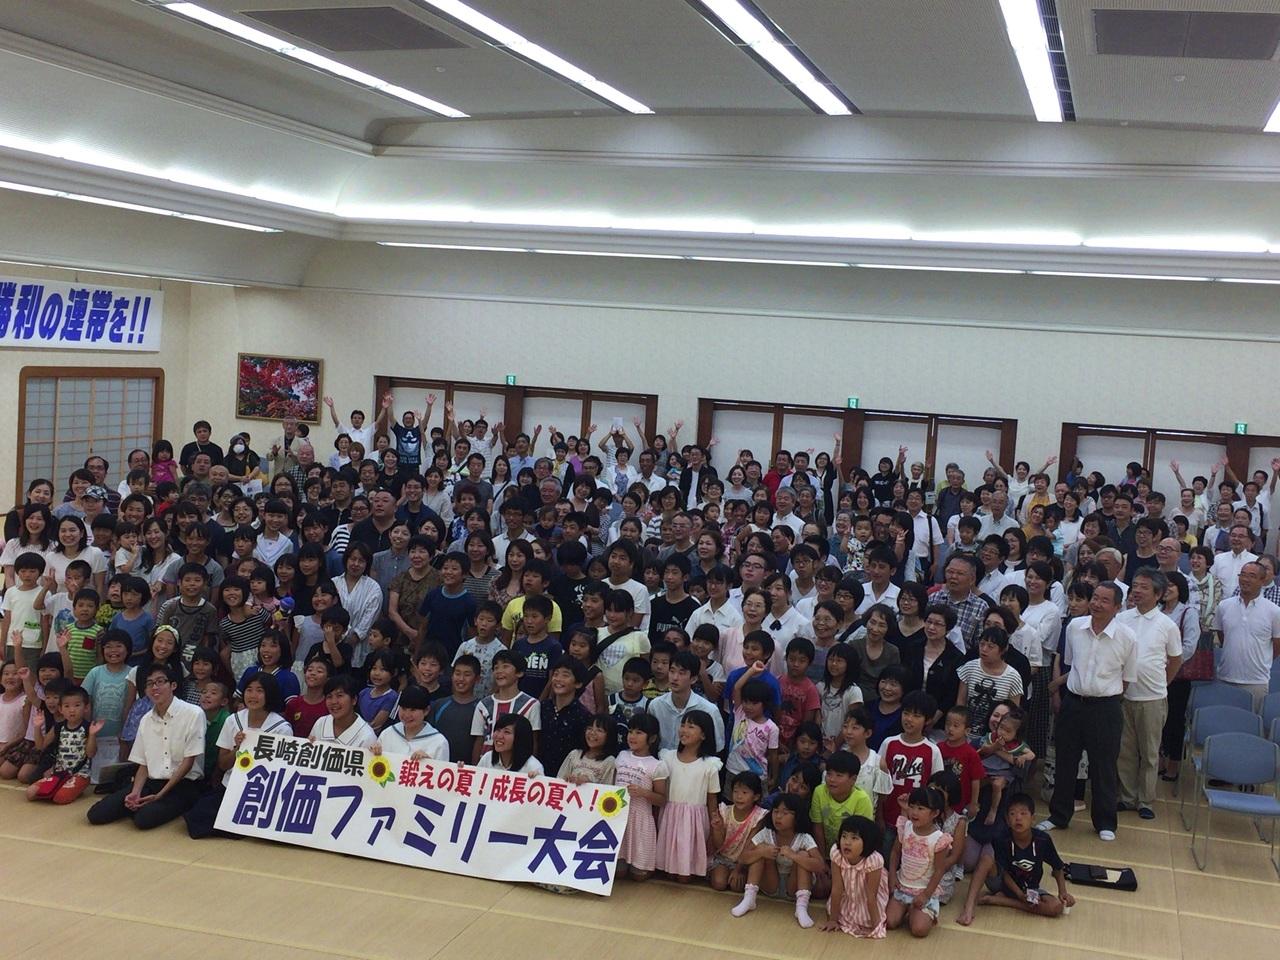 長崎創価学会 創価ファミリー大会